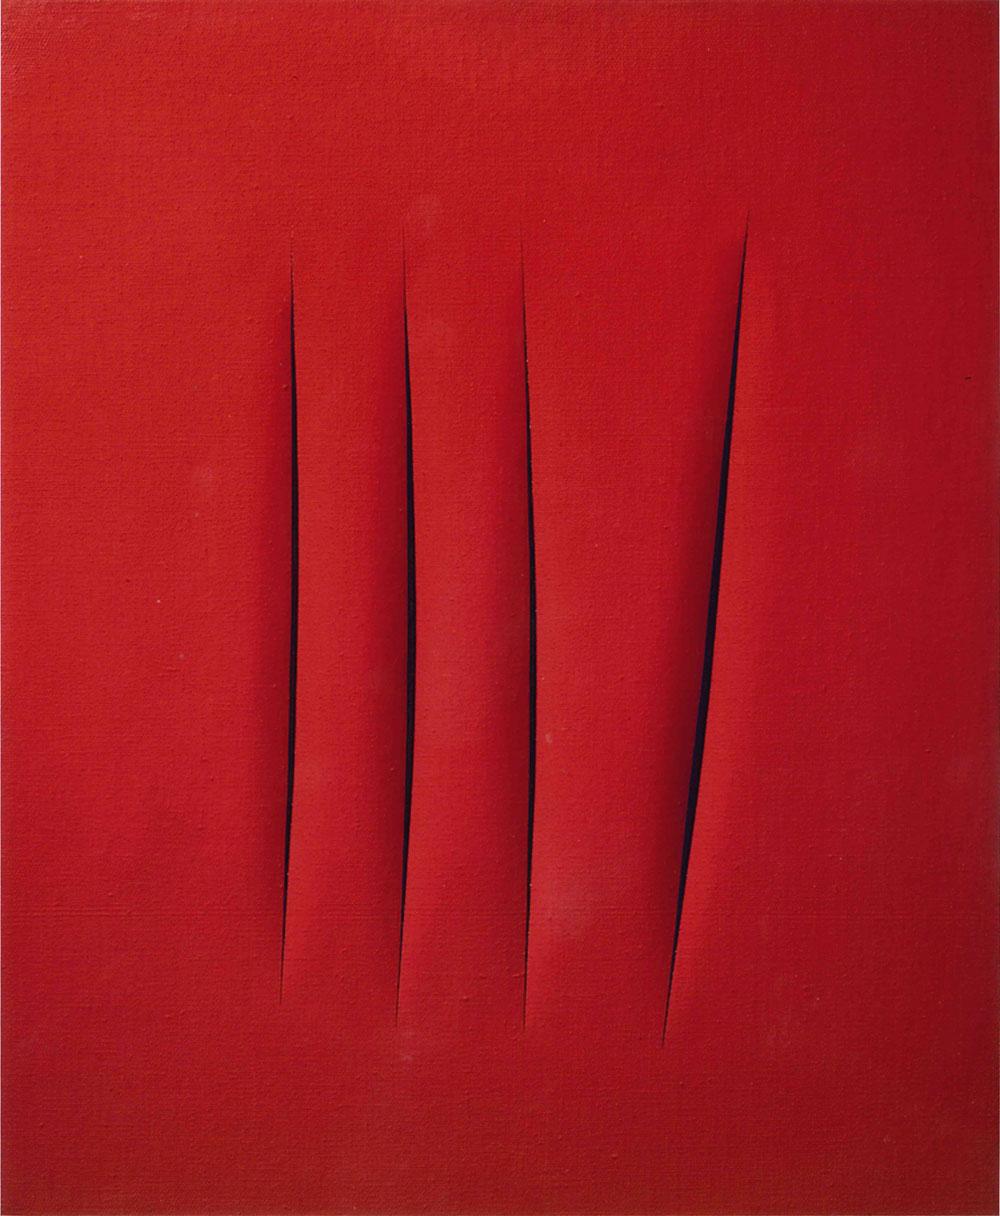 Una mostra ad Aosta ripercorre l'ombra lunga di Lucio Fontana